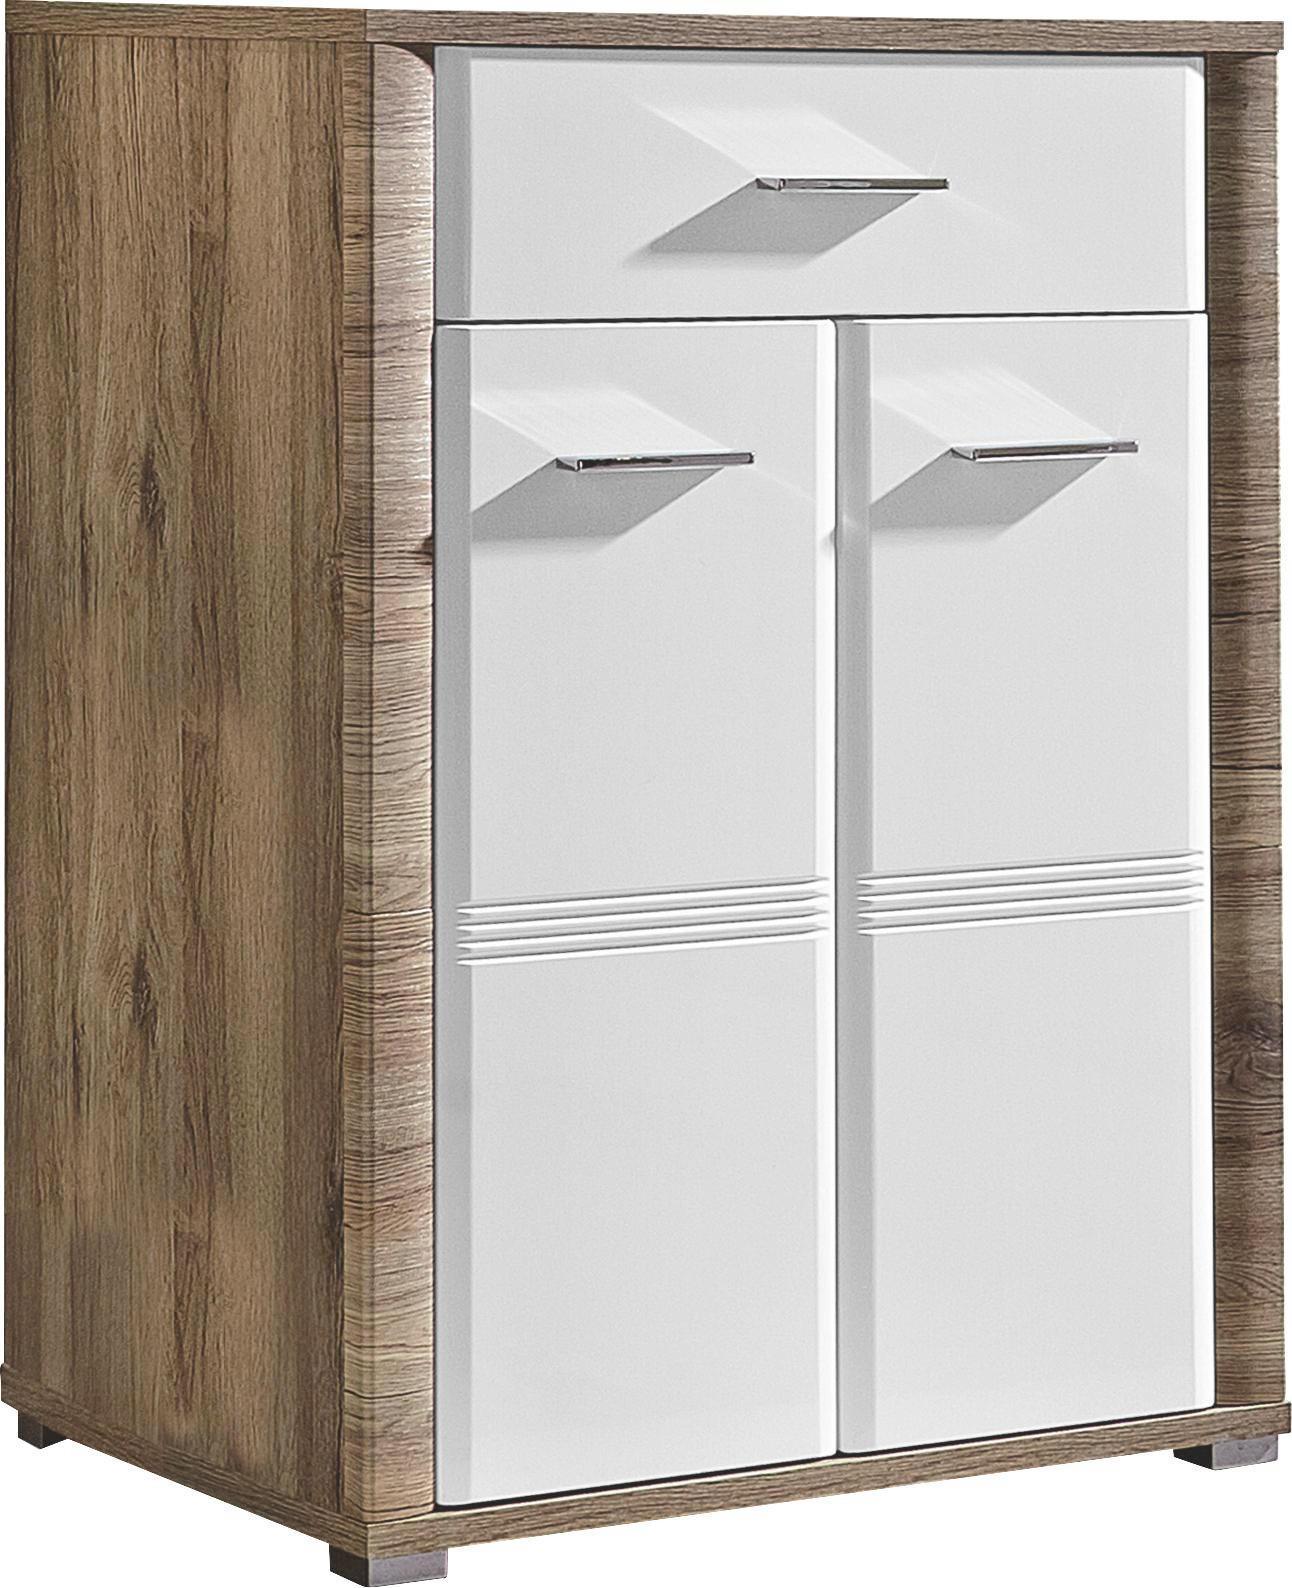 SCHUHSCHRANK Hochglanz Eichefarben, Weiß - Chromfarben/Eichefarben, KONVENTIONELL, Holzwerkstoff/Metall (75/100/38cm)